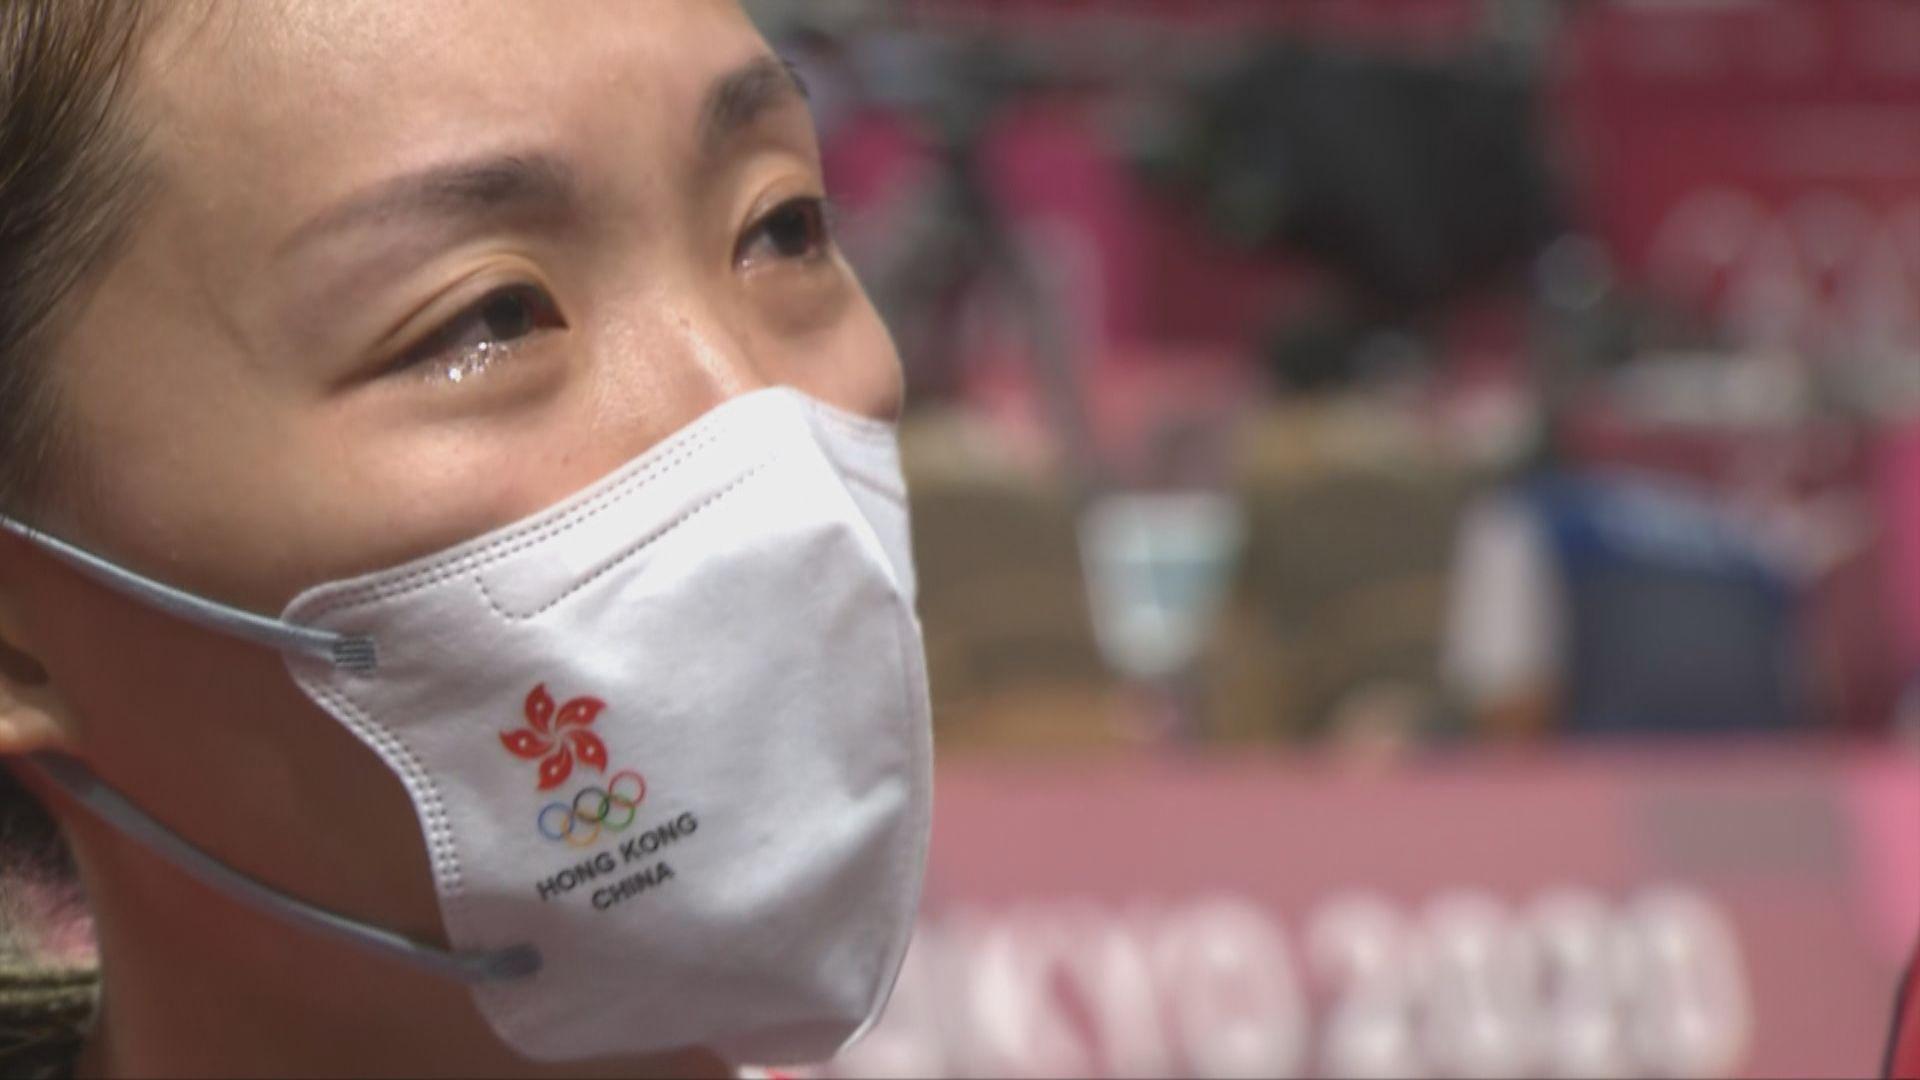 謝影雪:表現比較緊張 感謝拍檔鄧俊文